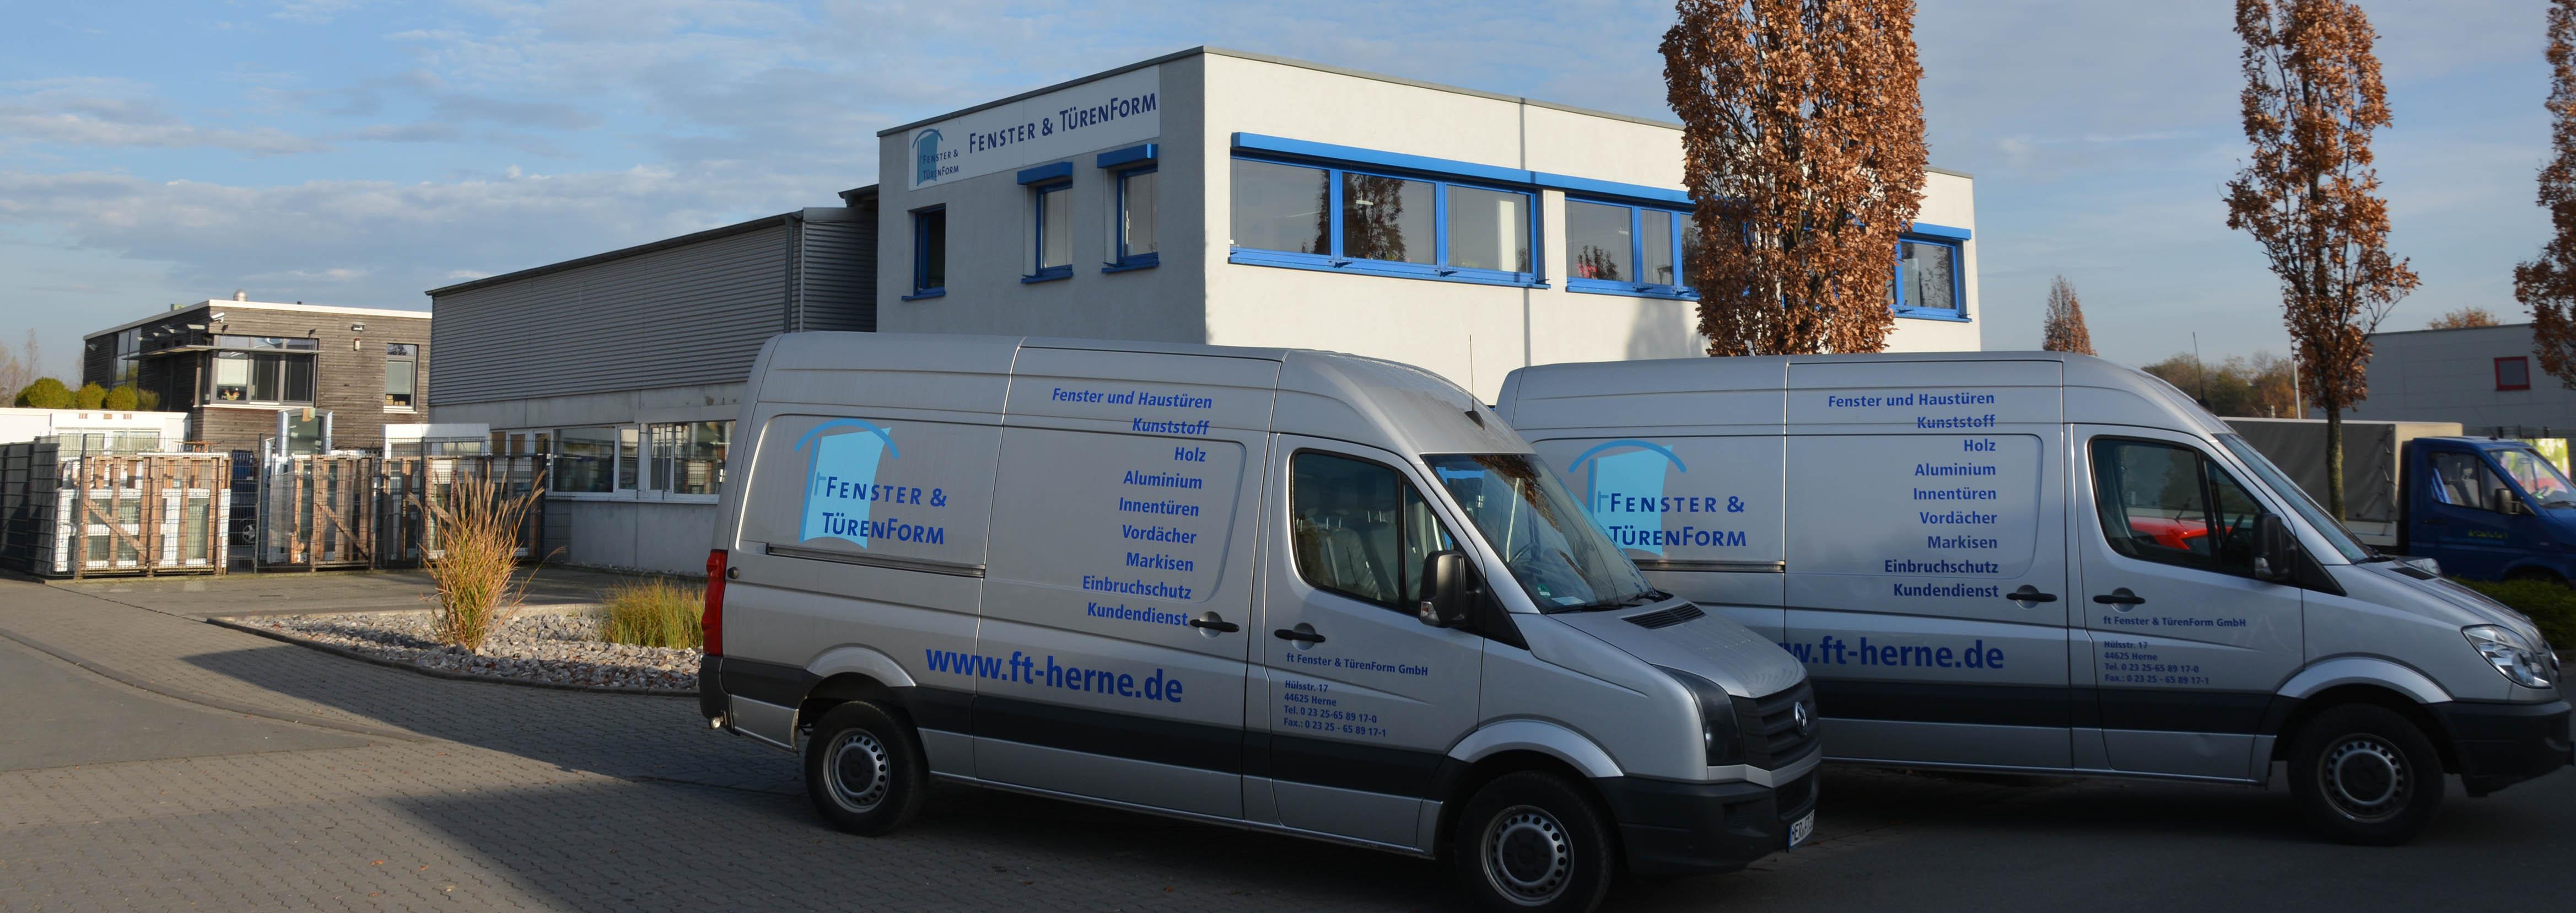 Fenster und türen herne  Ft-herne: Über uns